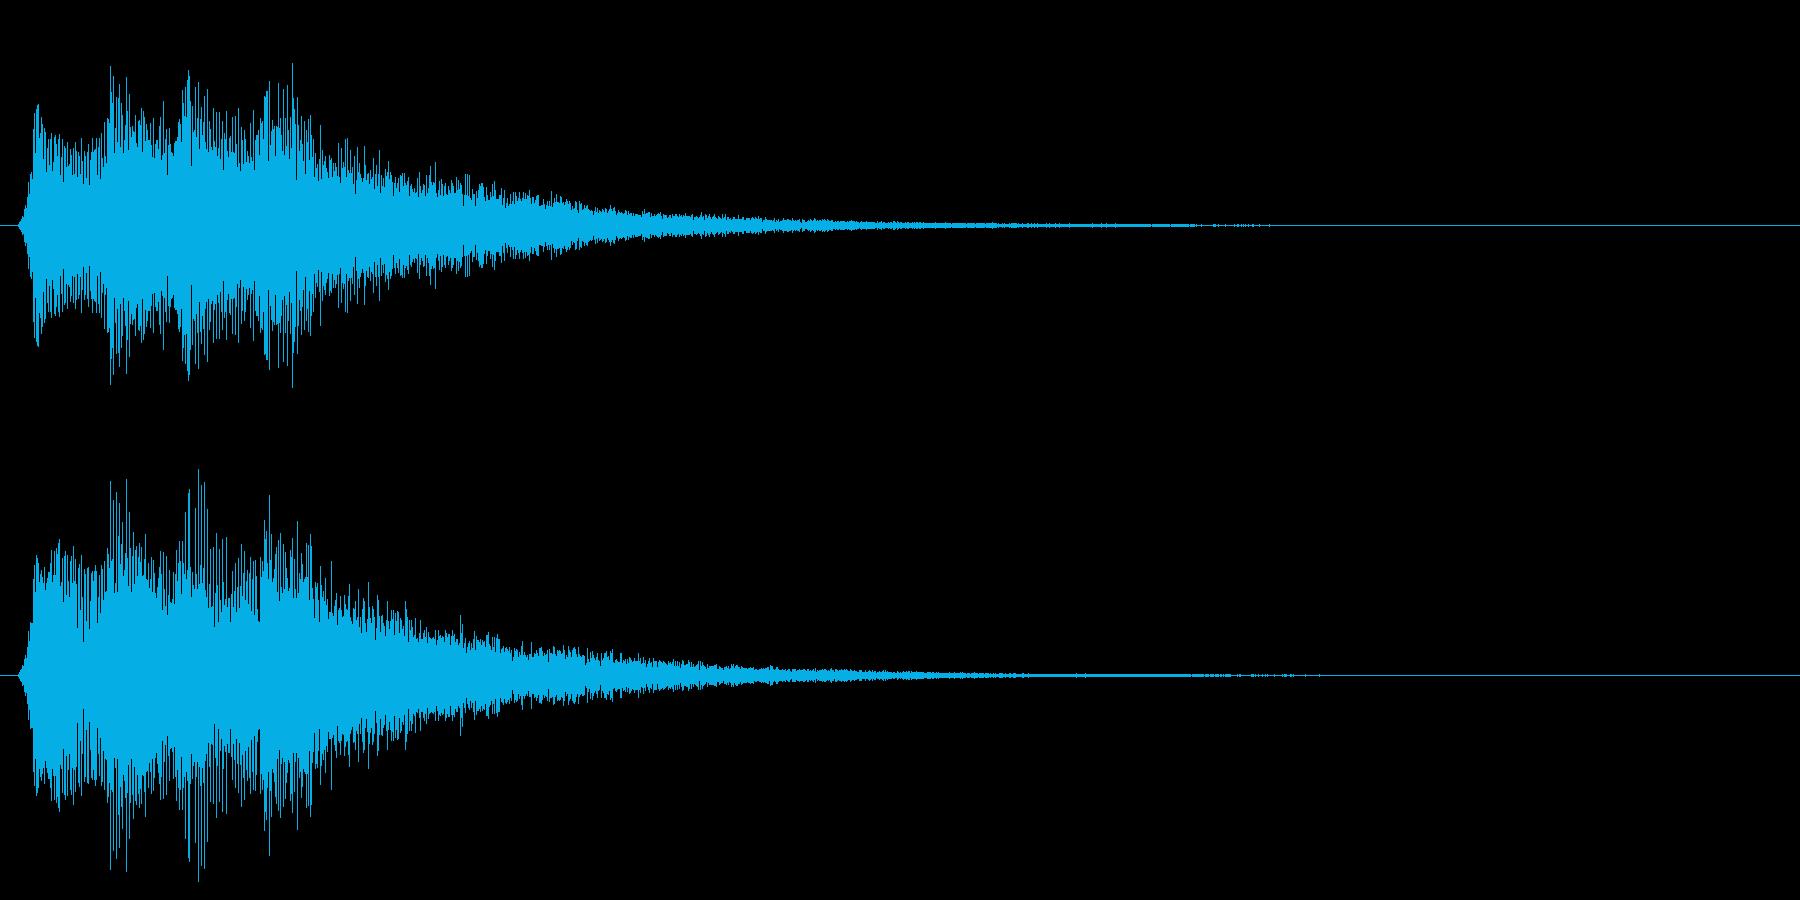 決定音 セレクト スタート 選択音の再生済みの波形